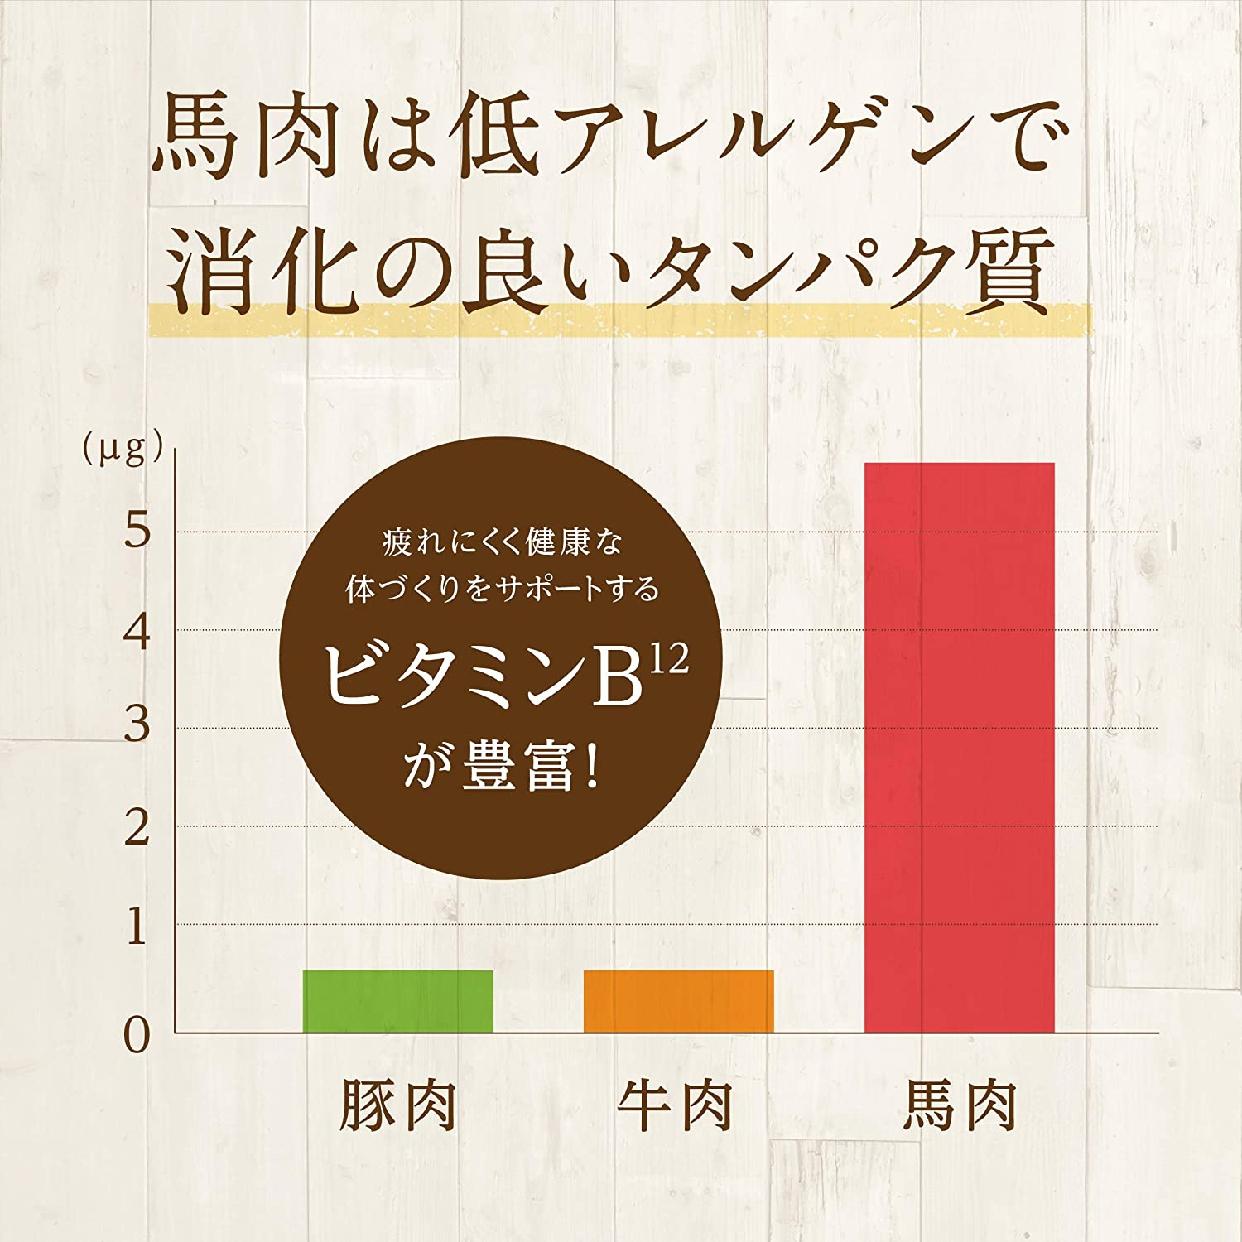 健康いぬ生活(ケンコウイヌセイカツ) 馬肉自然づくり  1kg (1kg×1袋)の商品画像8